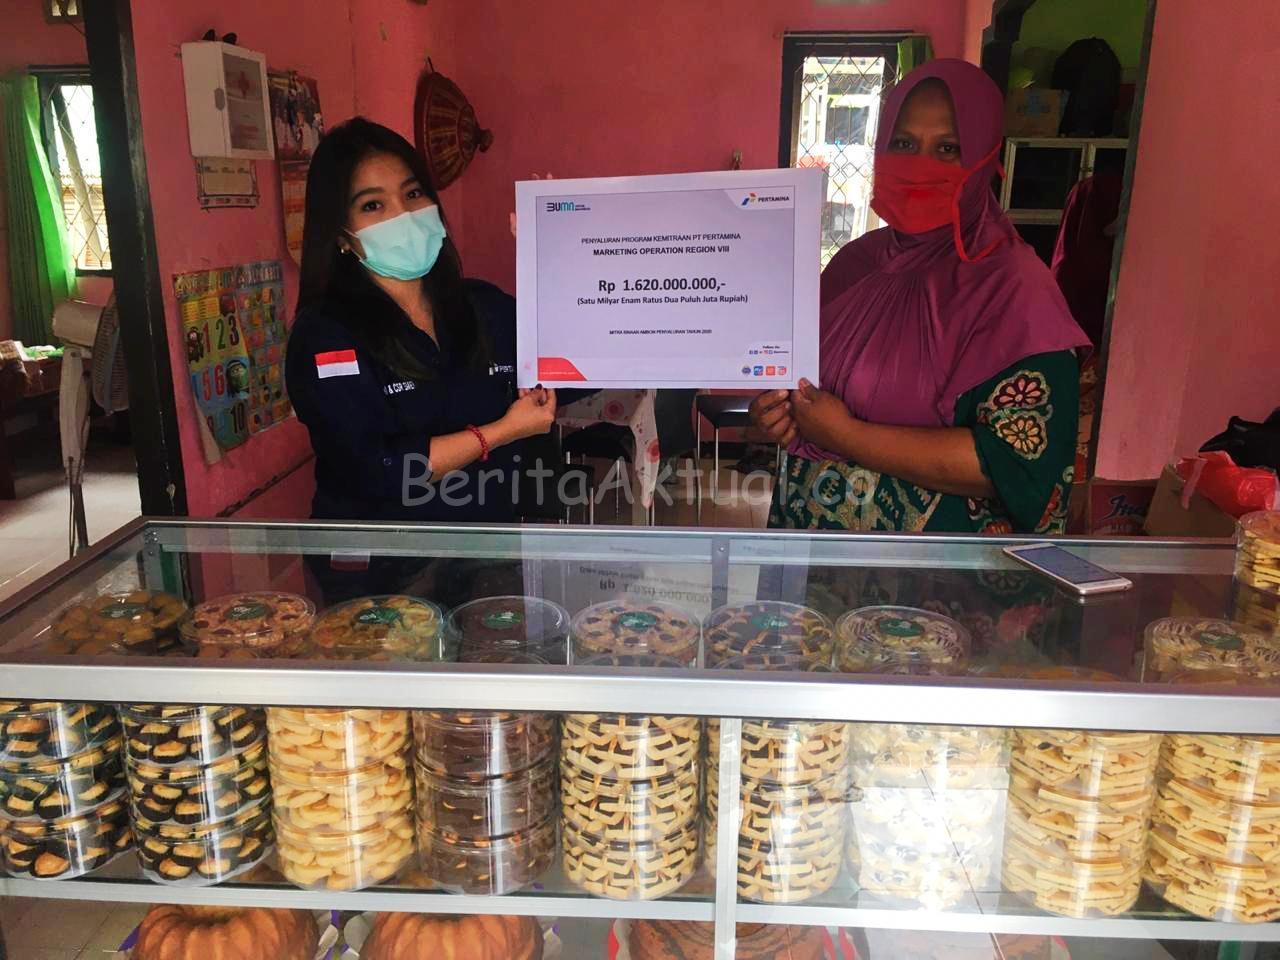 Pertamina MOR VIII Salurkan 1,62 Miliar Untuk 27 Mitra UMKM di Ambon 2 IMG 20200720 WA0019